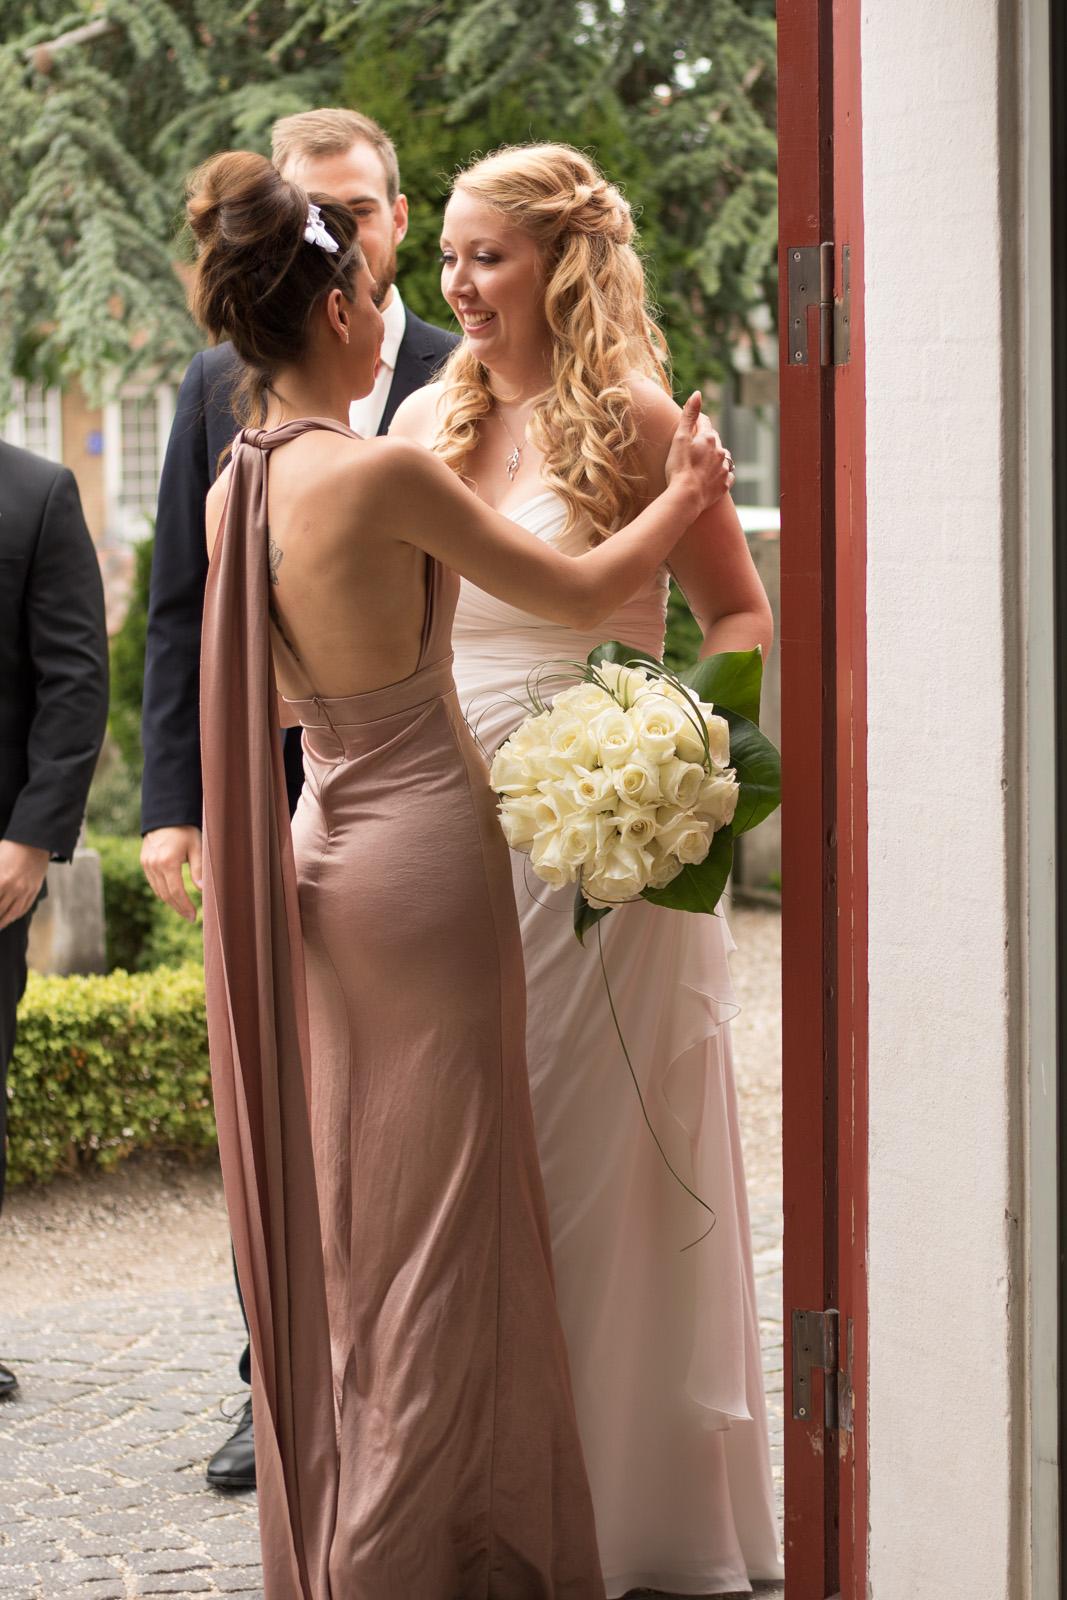 Victor og Mayas Bryllup